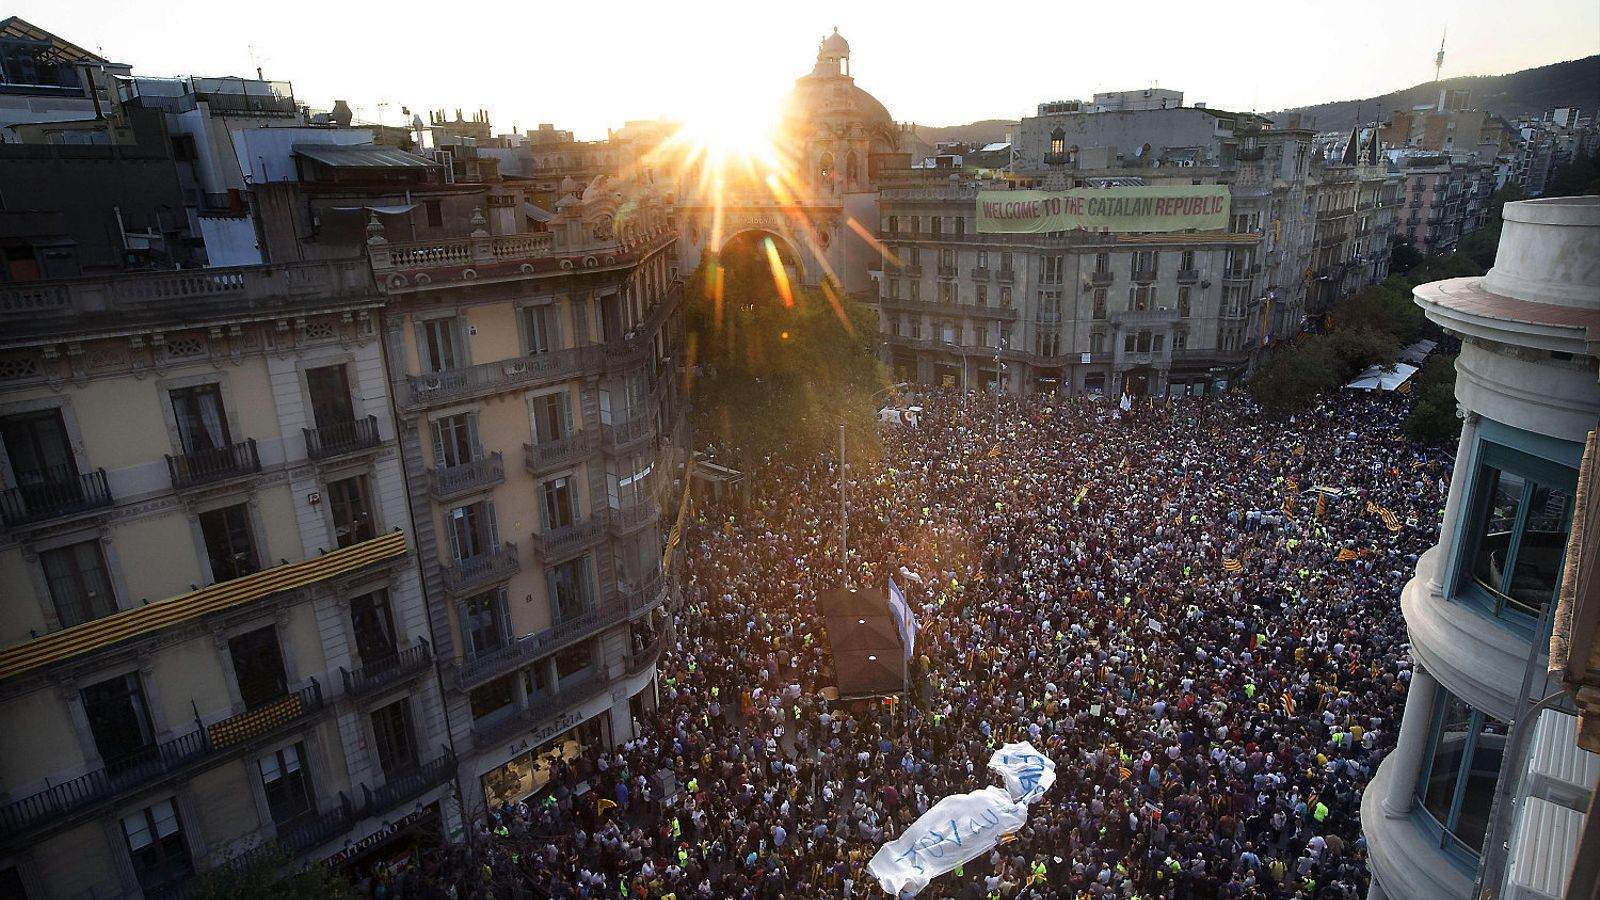 Milers de ciutadans van concentrar-se davant la seu del departament d'Economia durant tot el 20 de setembre de l'any passat per protestar contra l'operatiu policial contra l'1-O.